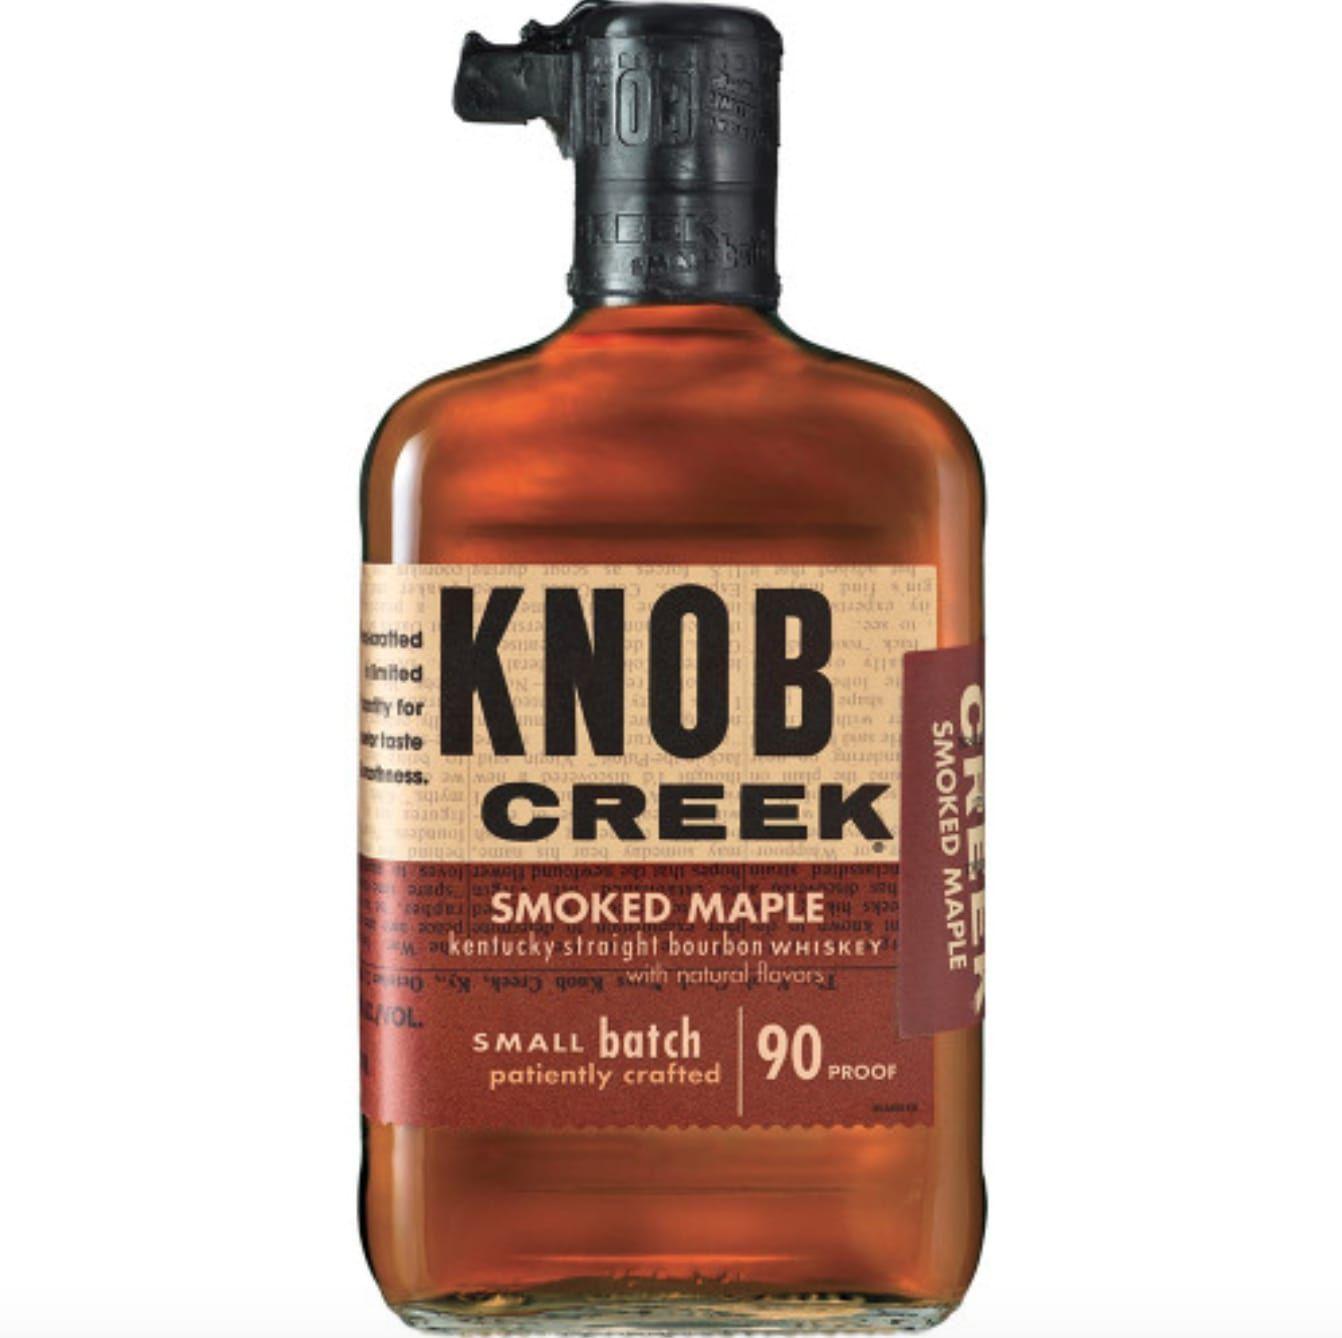 knob-creek-smoked-maple-bourbon-whiskey